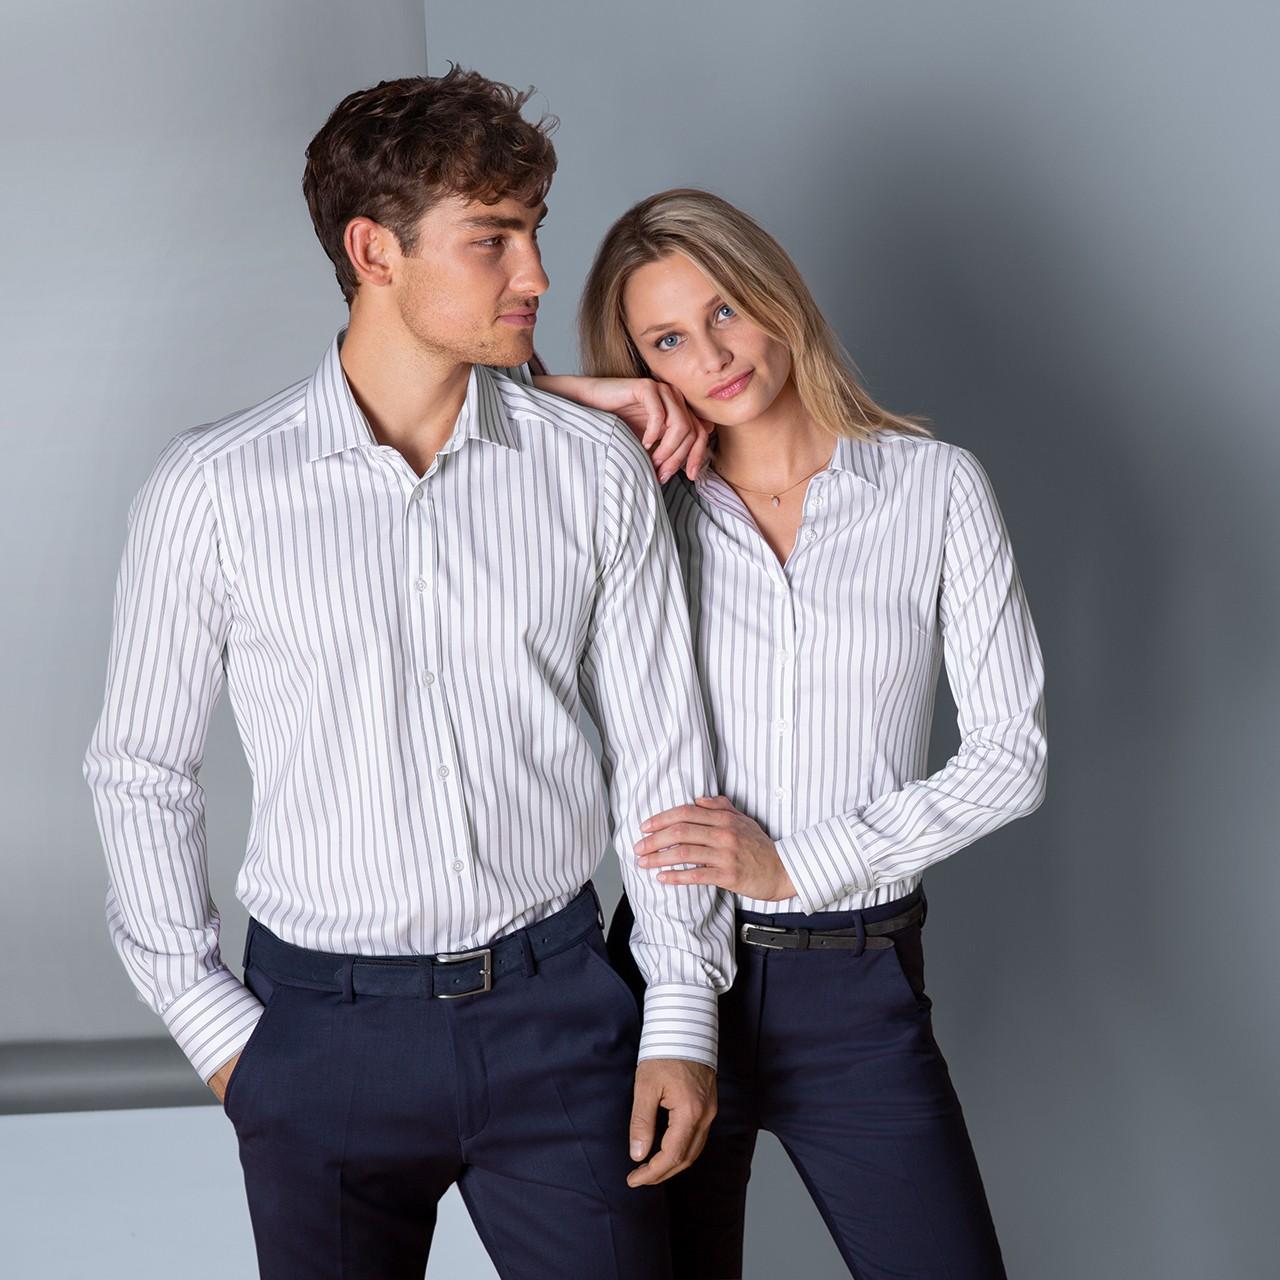 Stretch Bluse Slim Fit 37.5® Greiff® | bedrucken, besticken, bedrucken lassen, besticken lassen, mit Logo |